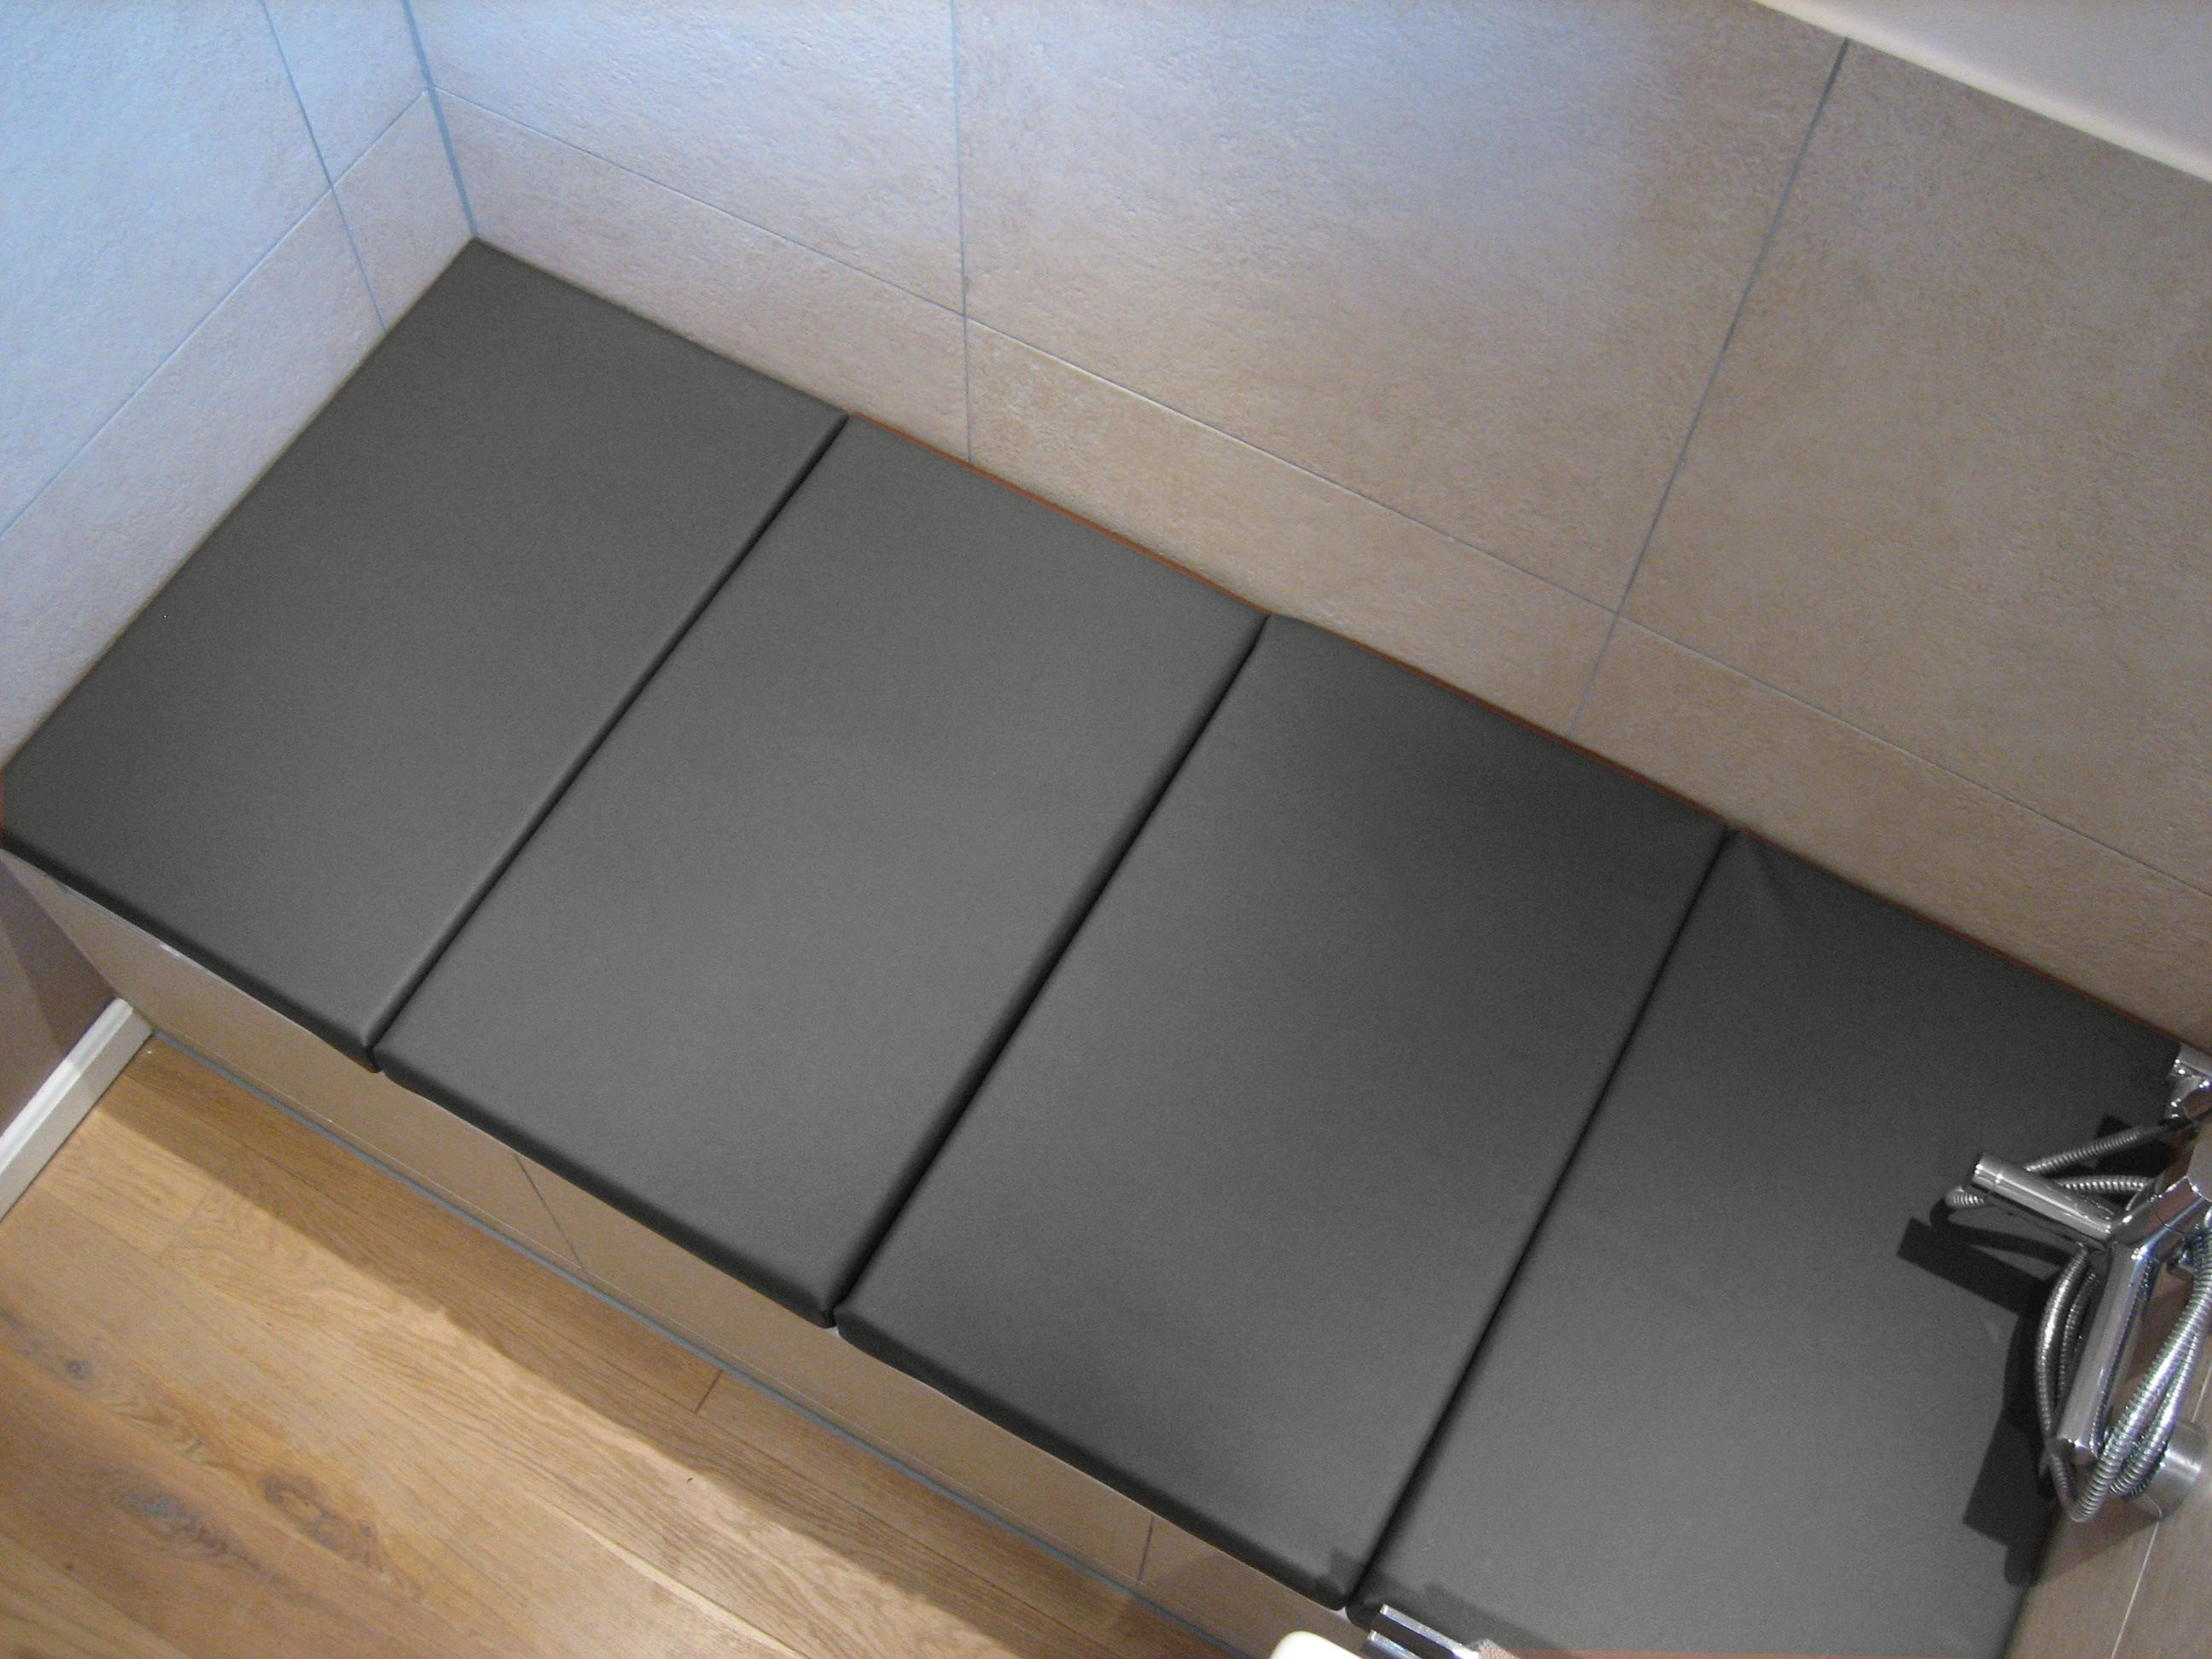 relaxliege f r badewanne auf ma bathroom pinterest relaxliege badewannen und b der. Black Bedroom Furniture Sets. Home Design Ideas